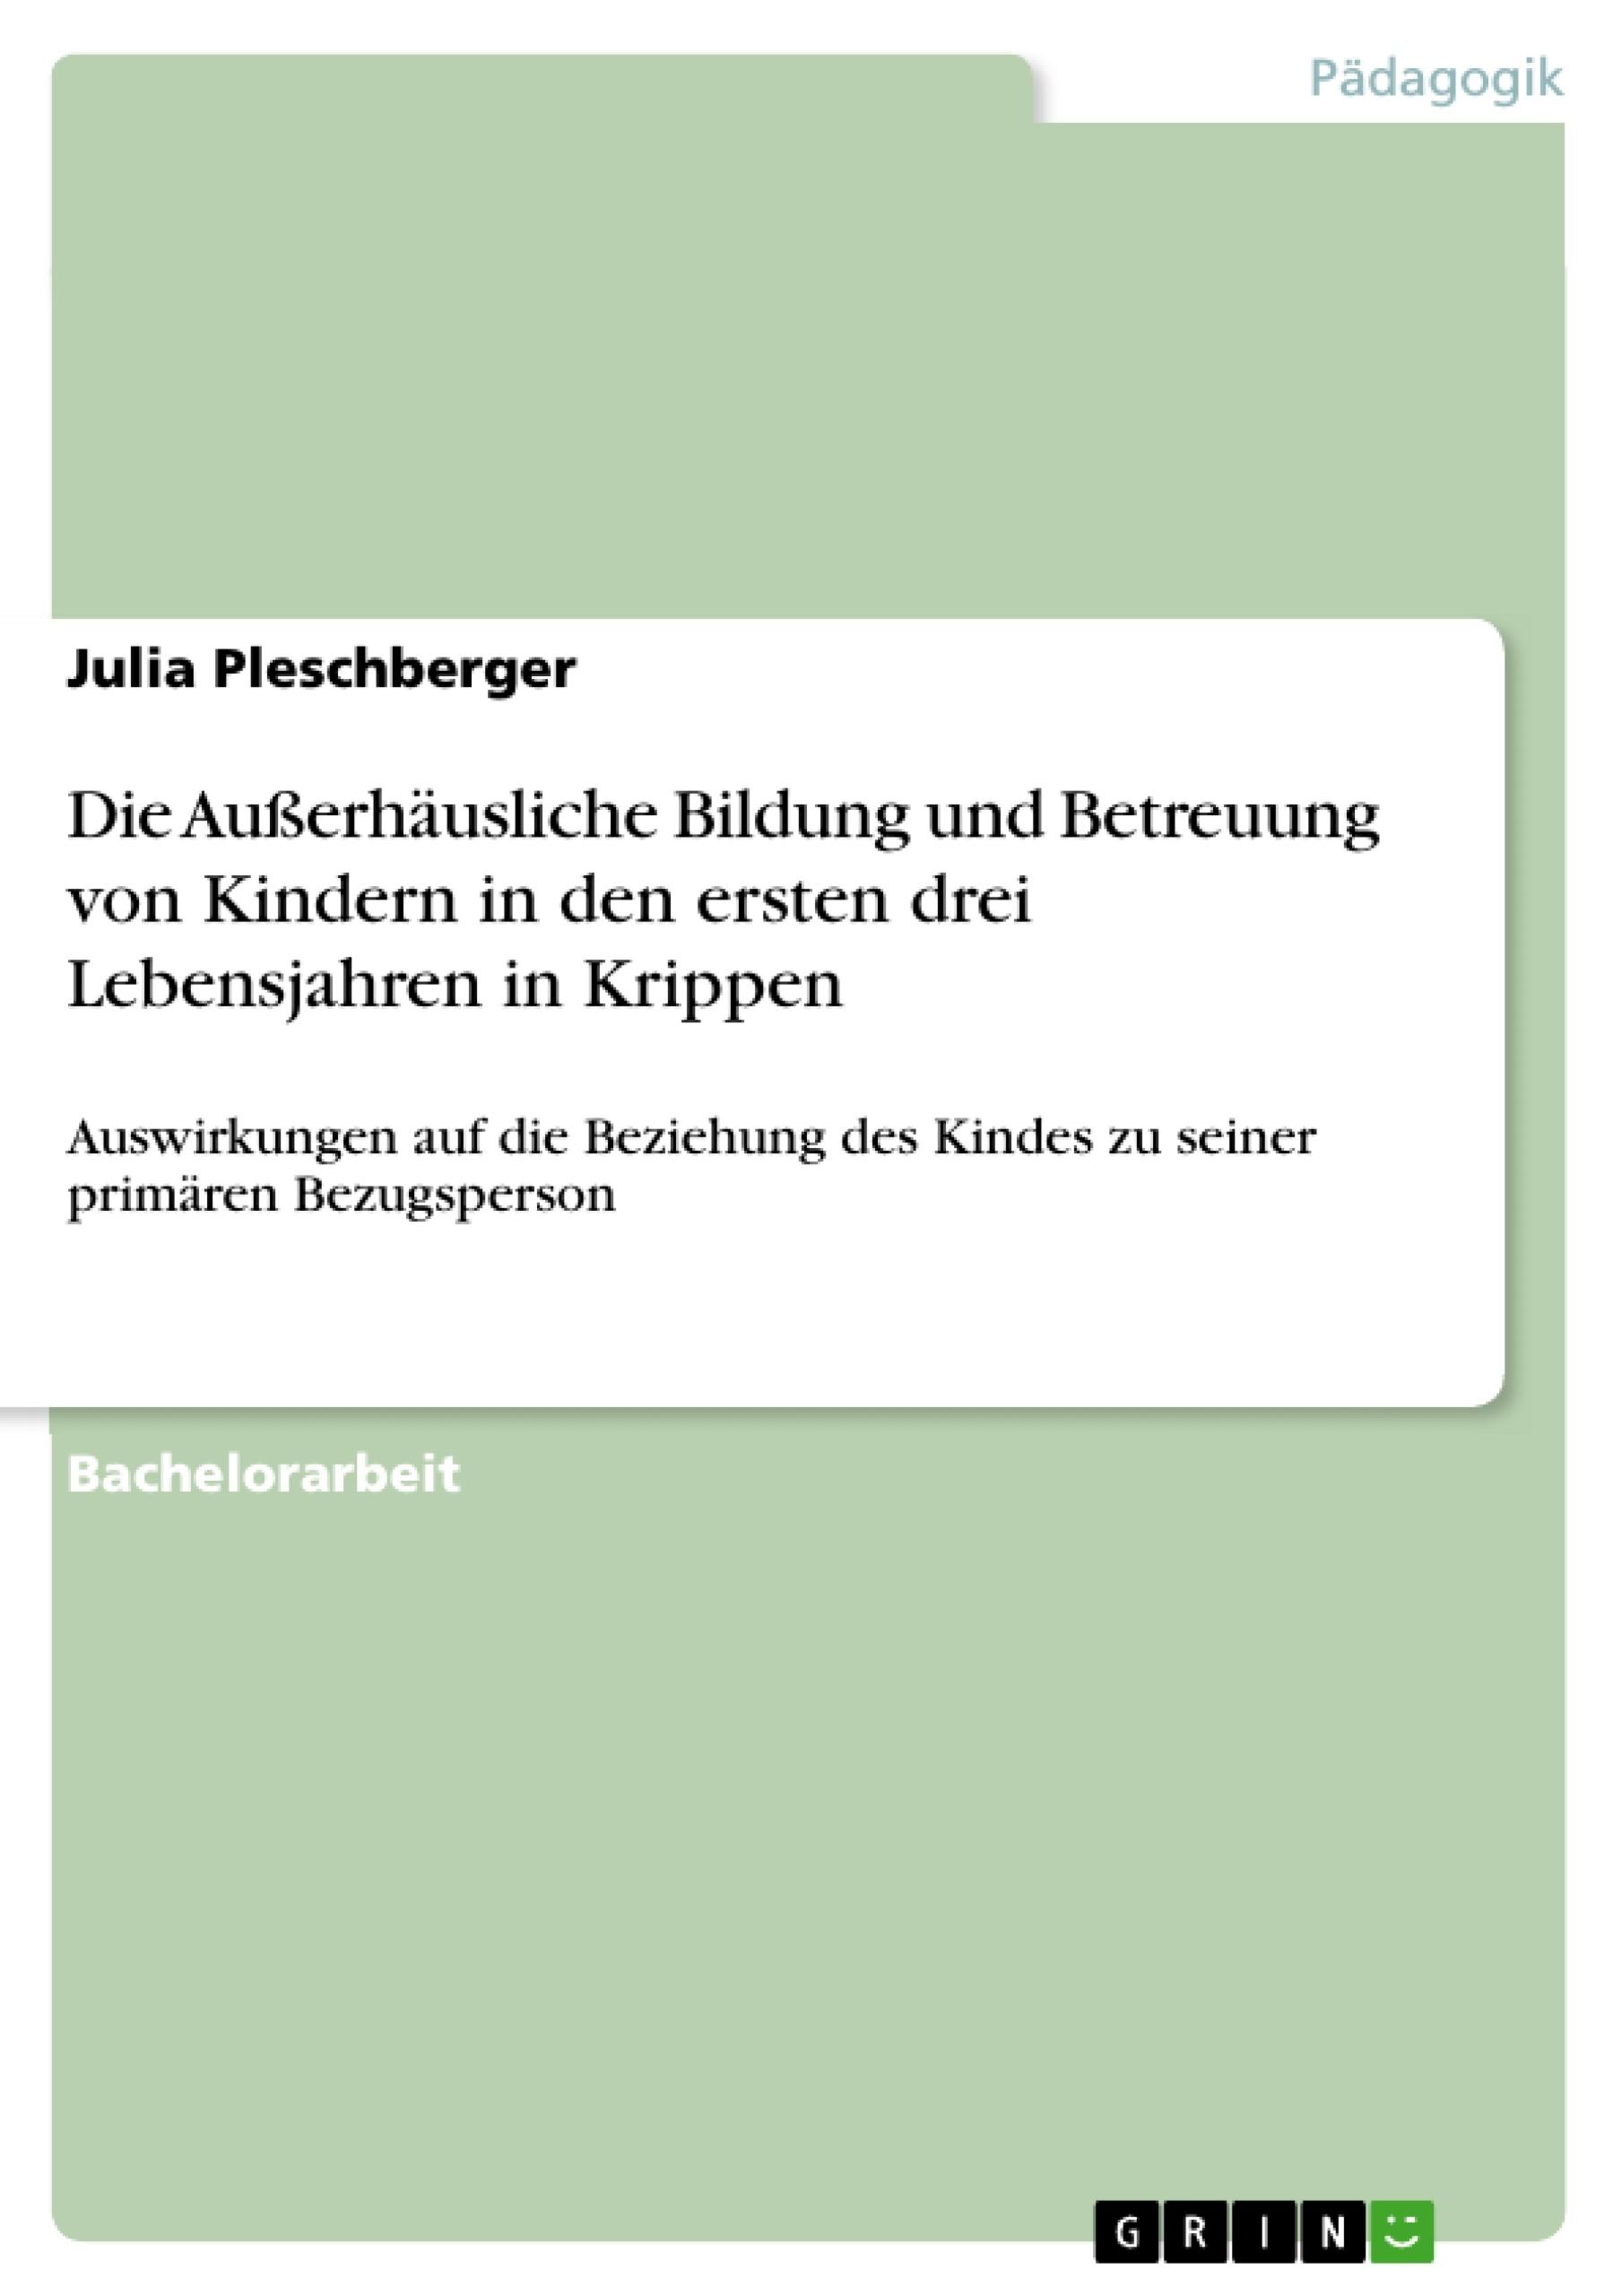 Titel: Die Außerhäusliche Bildung und Betreuung von Kindern in den ersten drei Lebensjahren in Krippen